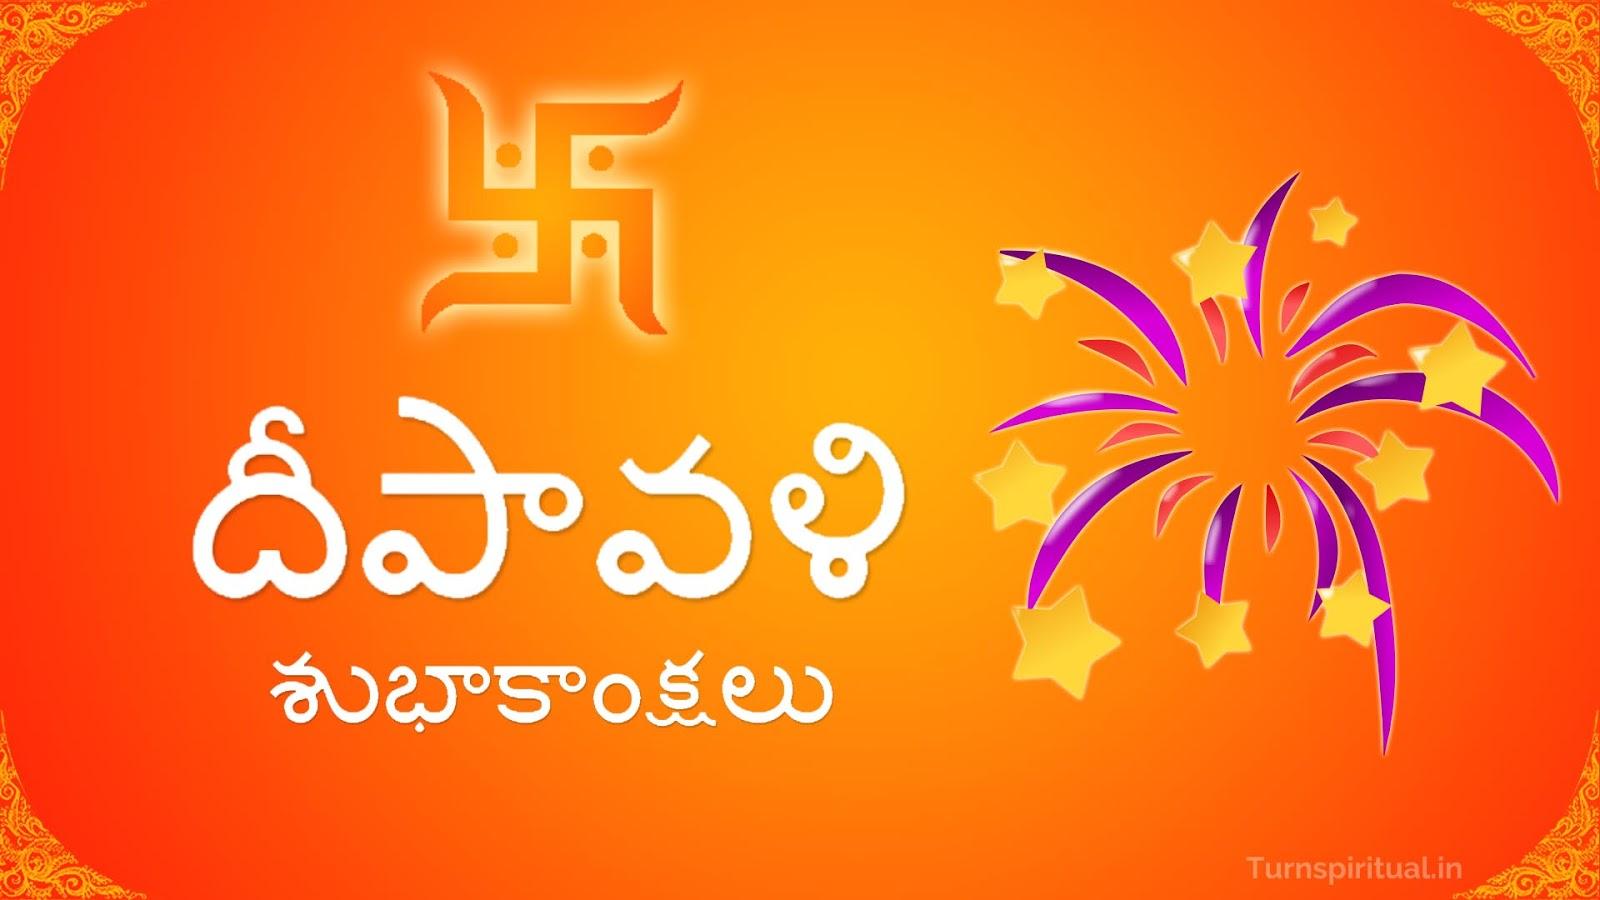 Happy Diwali Greetings in Telugu